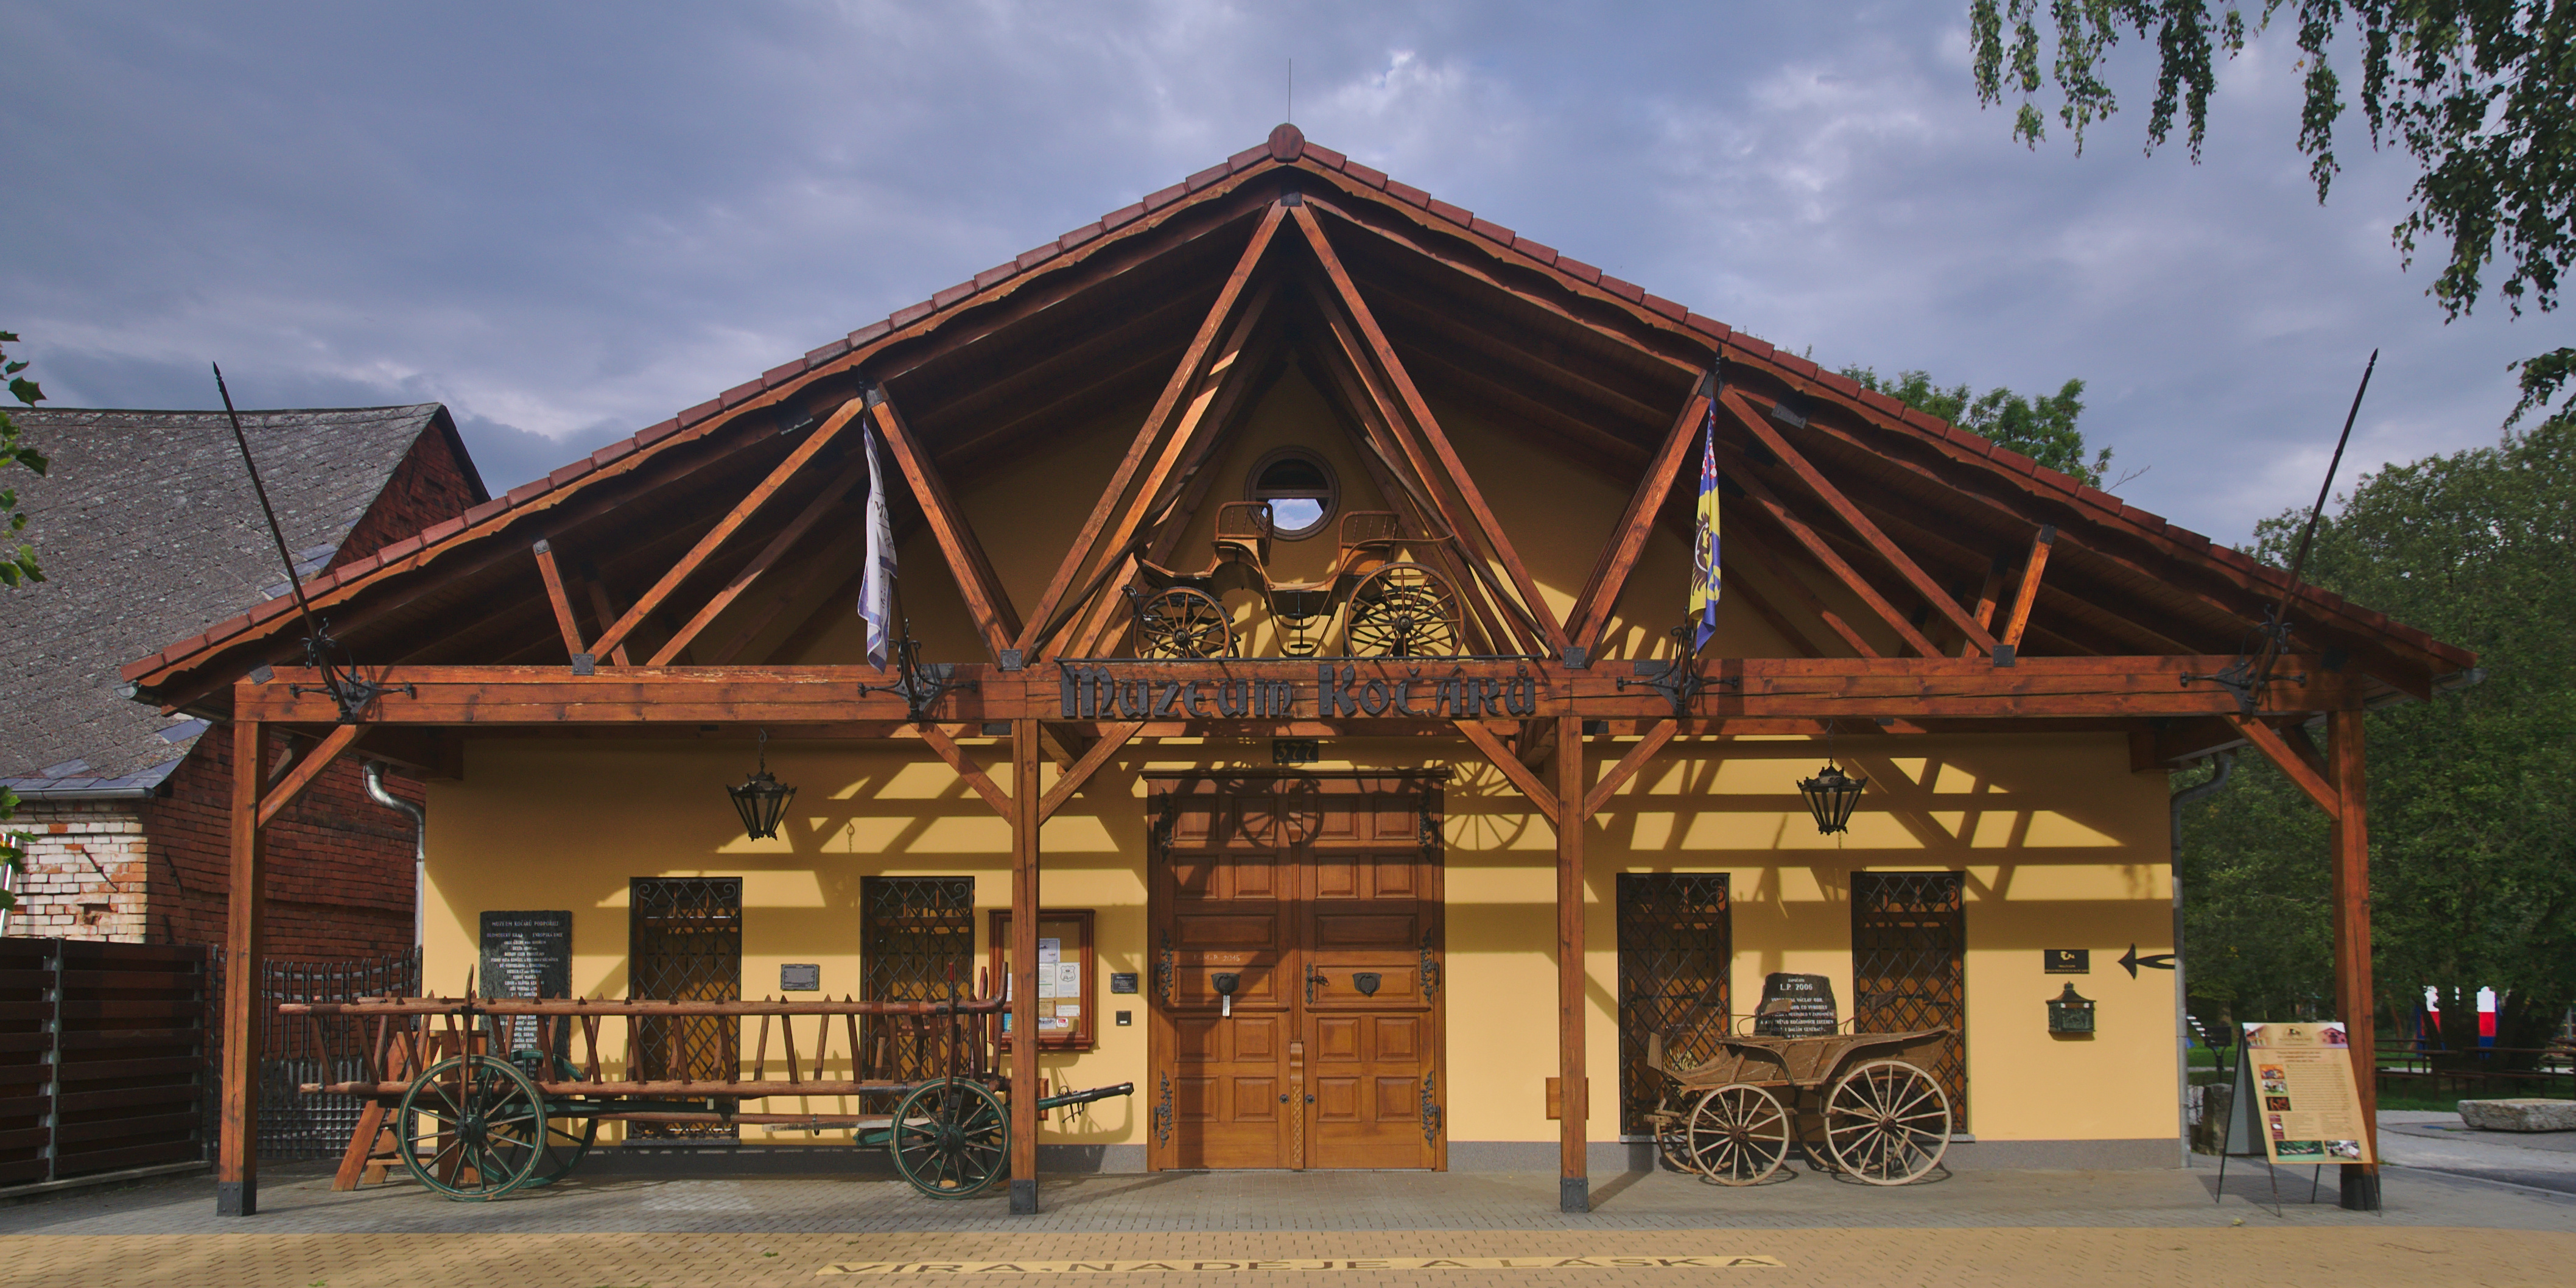 Muzeum kočárů, Čechy pod Kosířem (CZ)